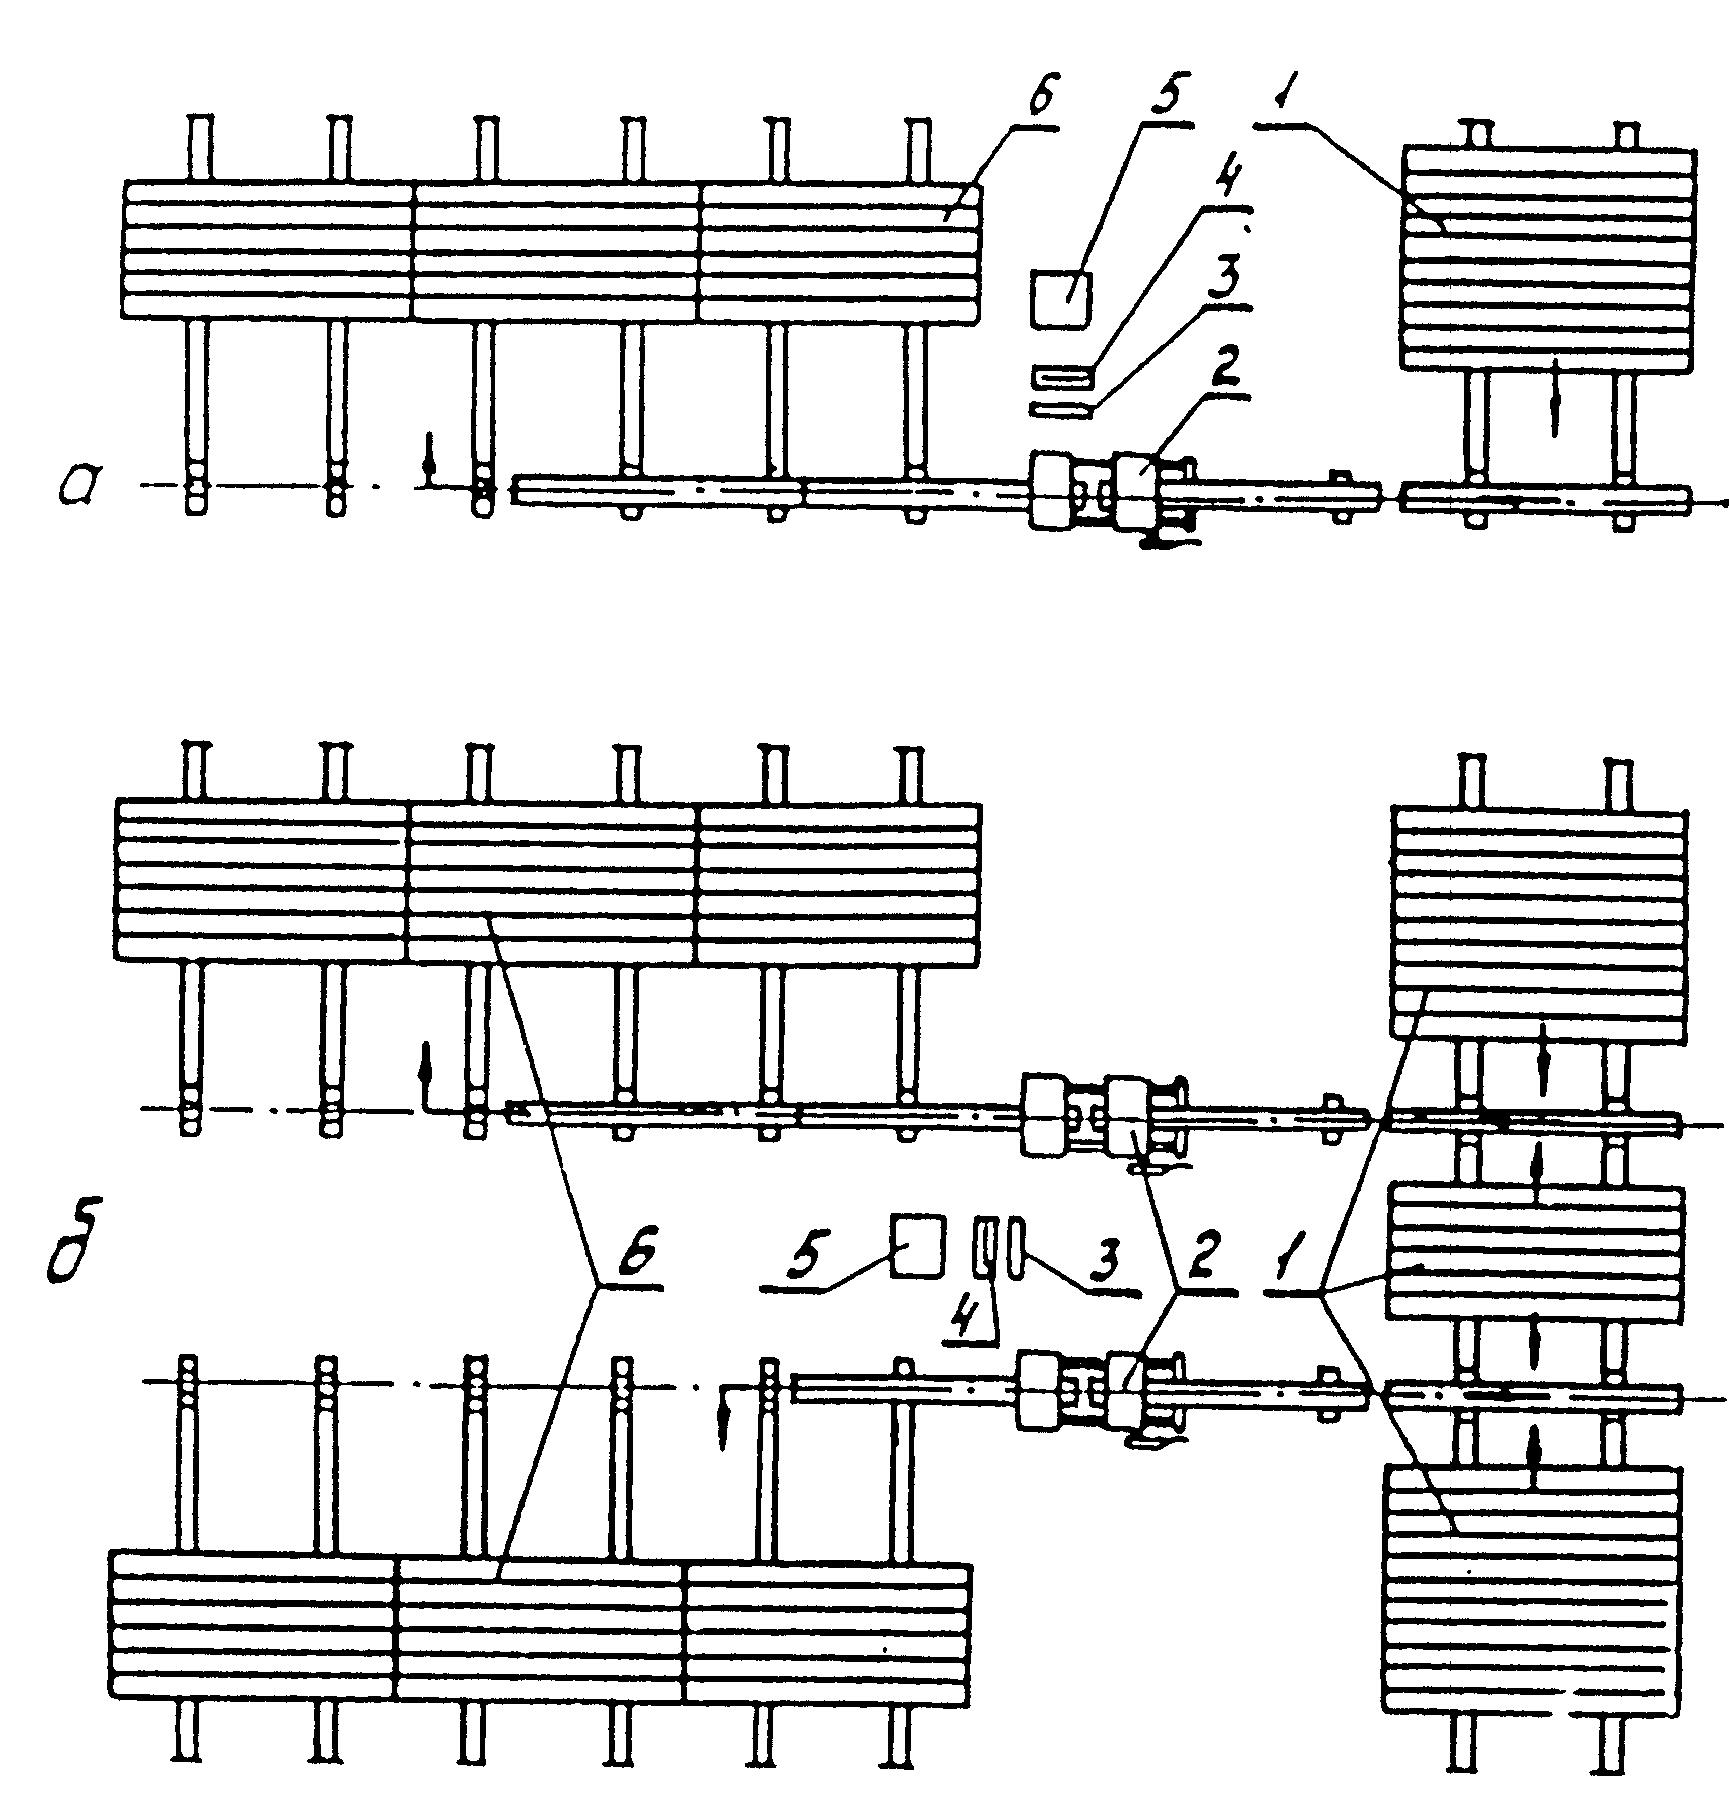 цикл работы раструбного станка схема электрическая